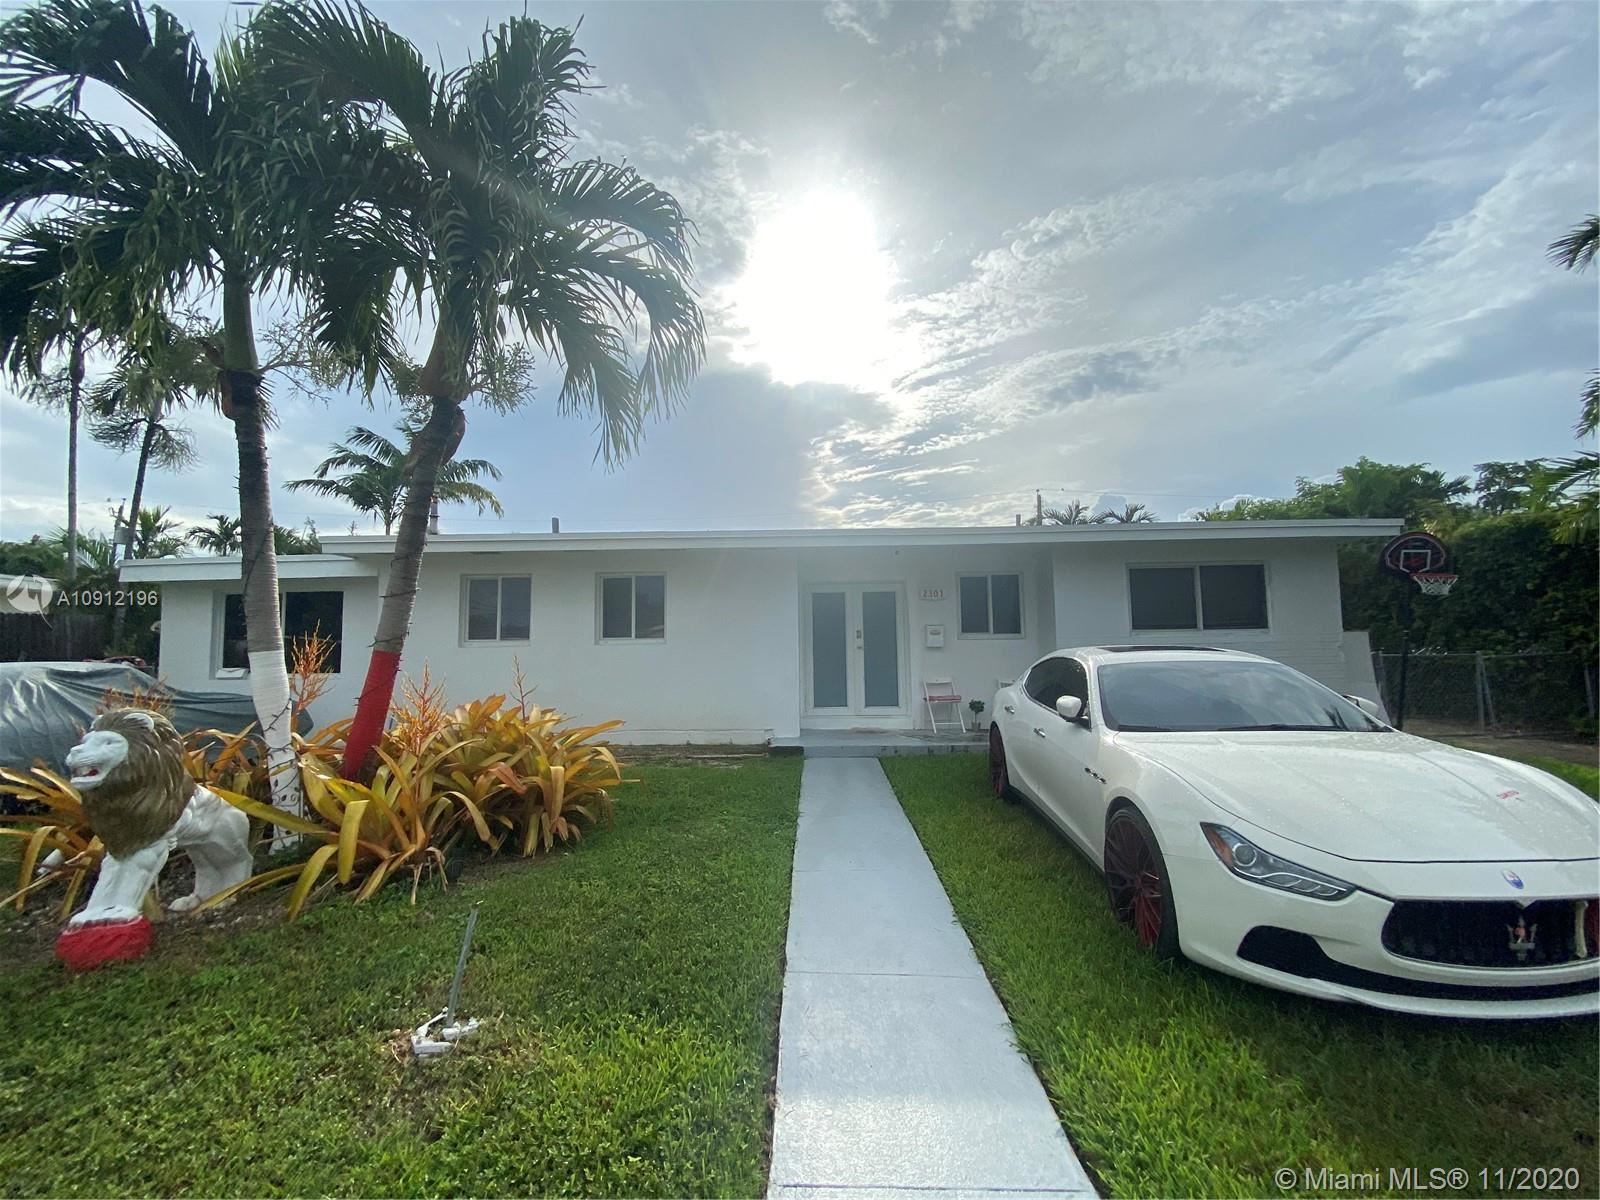 2301 SW 89th Pl, Miami, FL 33165 - #: A10912196